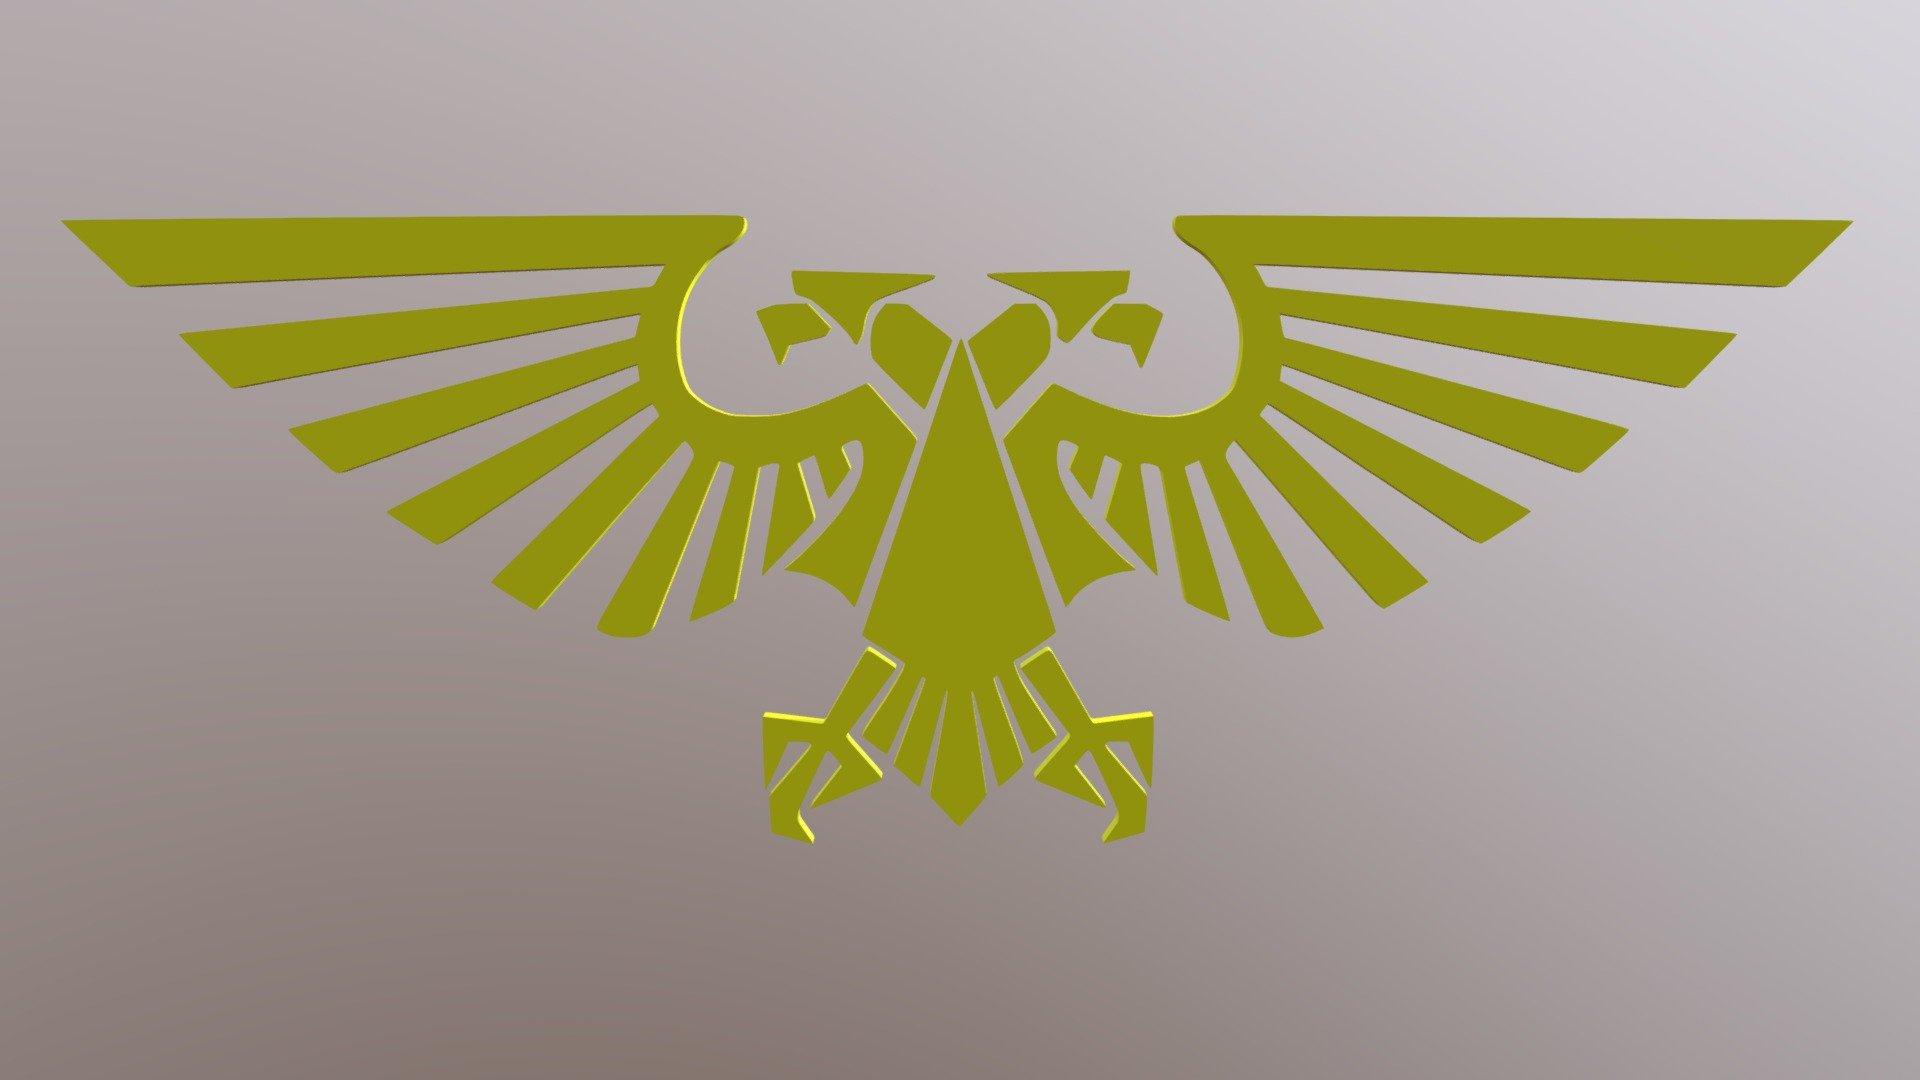 Aquila Warhammer 40k Download Free 3d Model By 09williamsad Adamw1806 5976bd8 Sketchfab